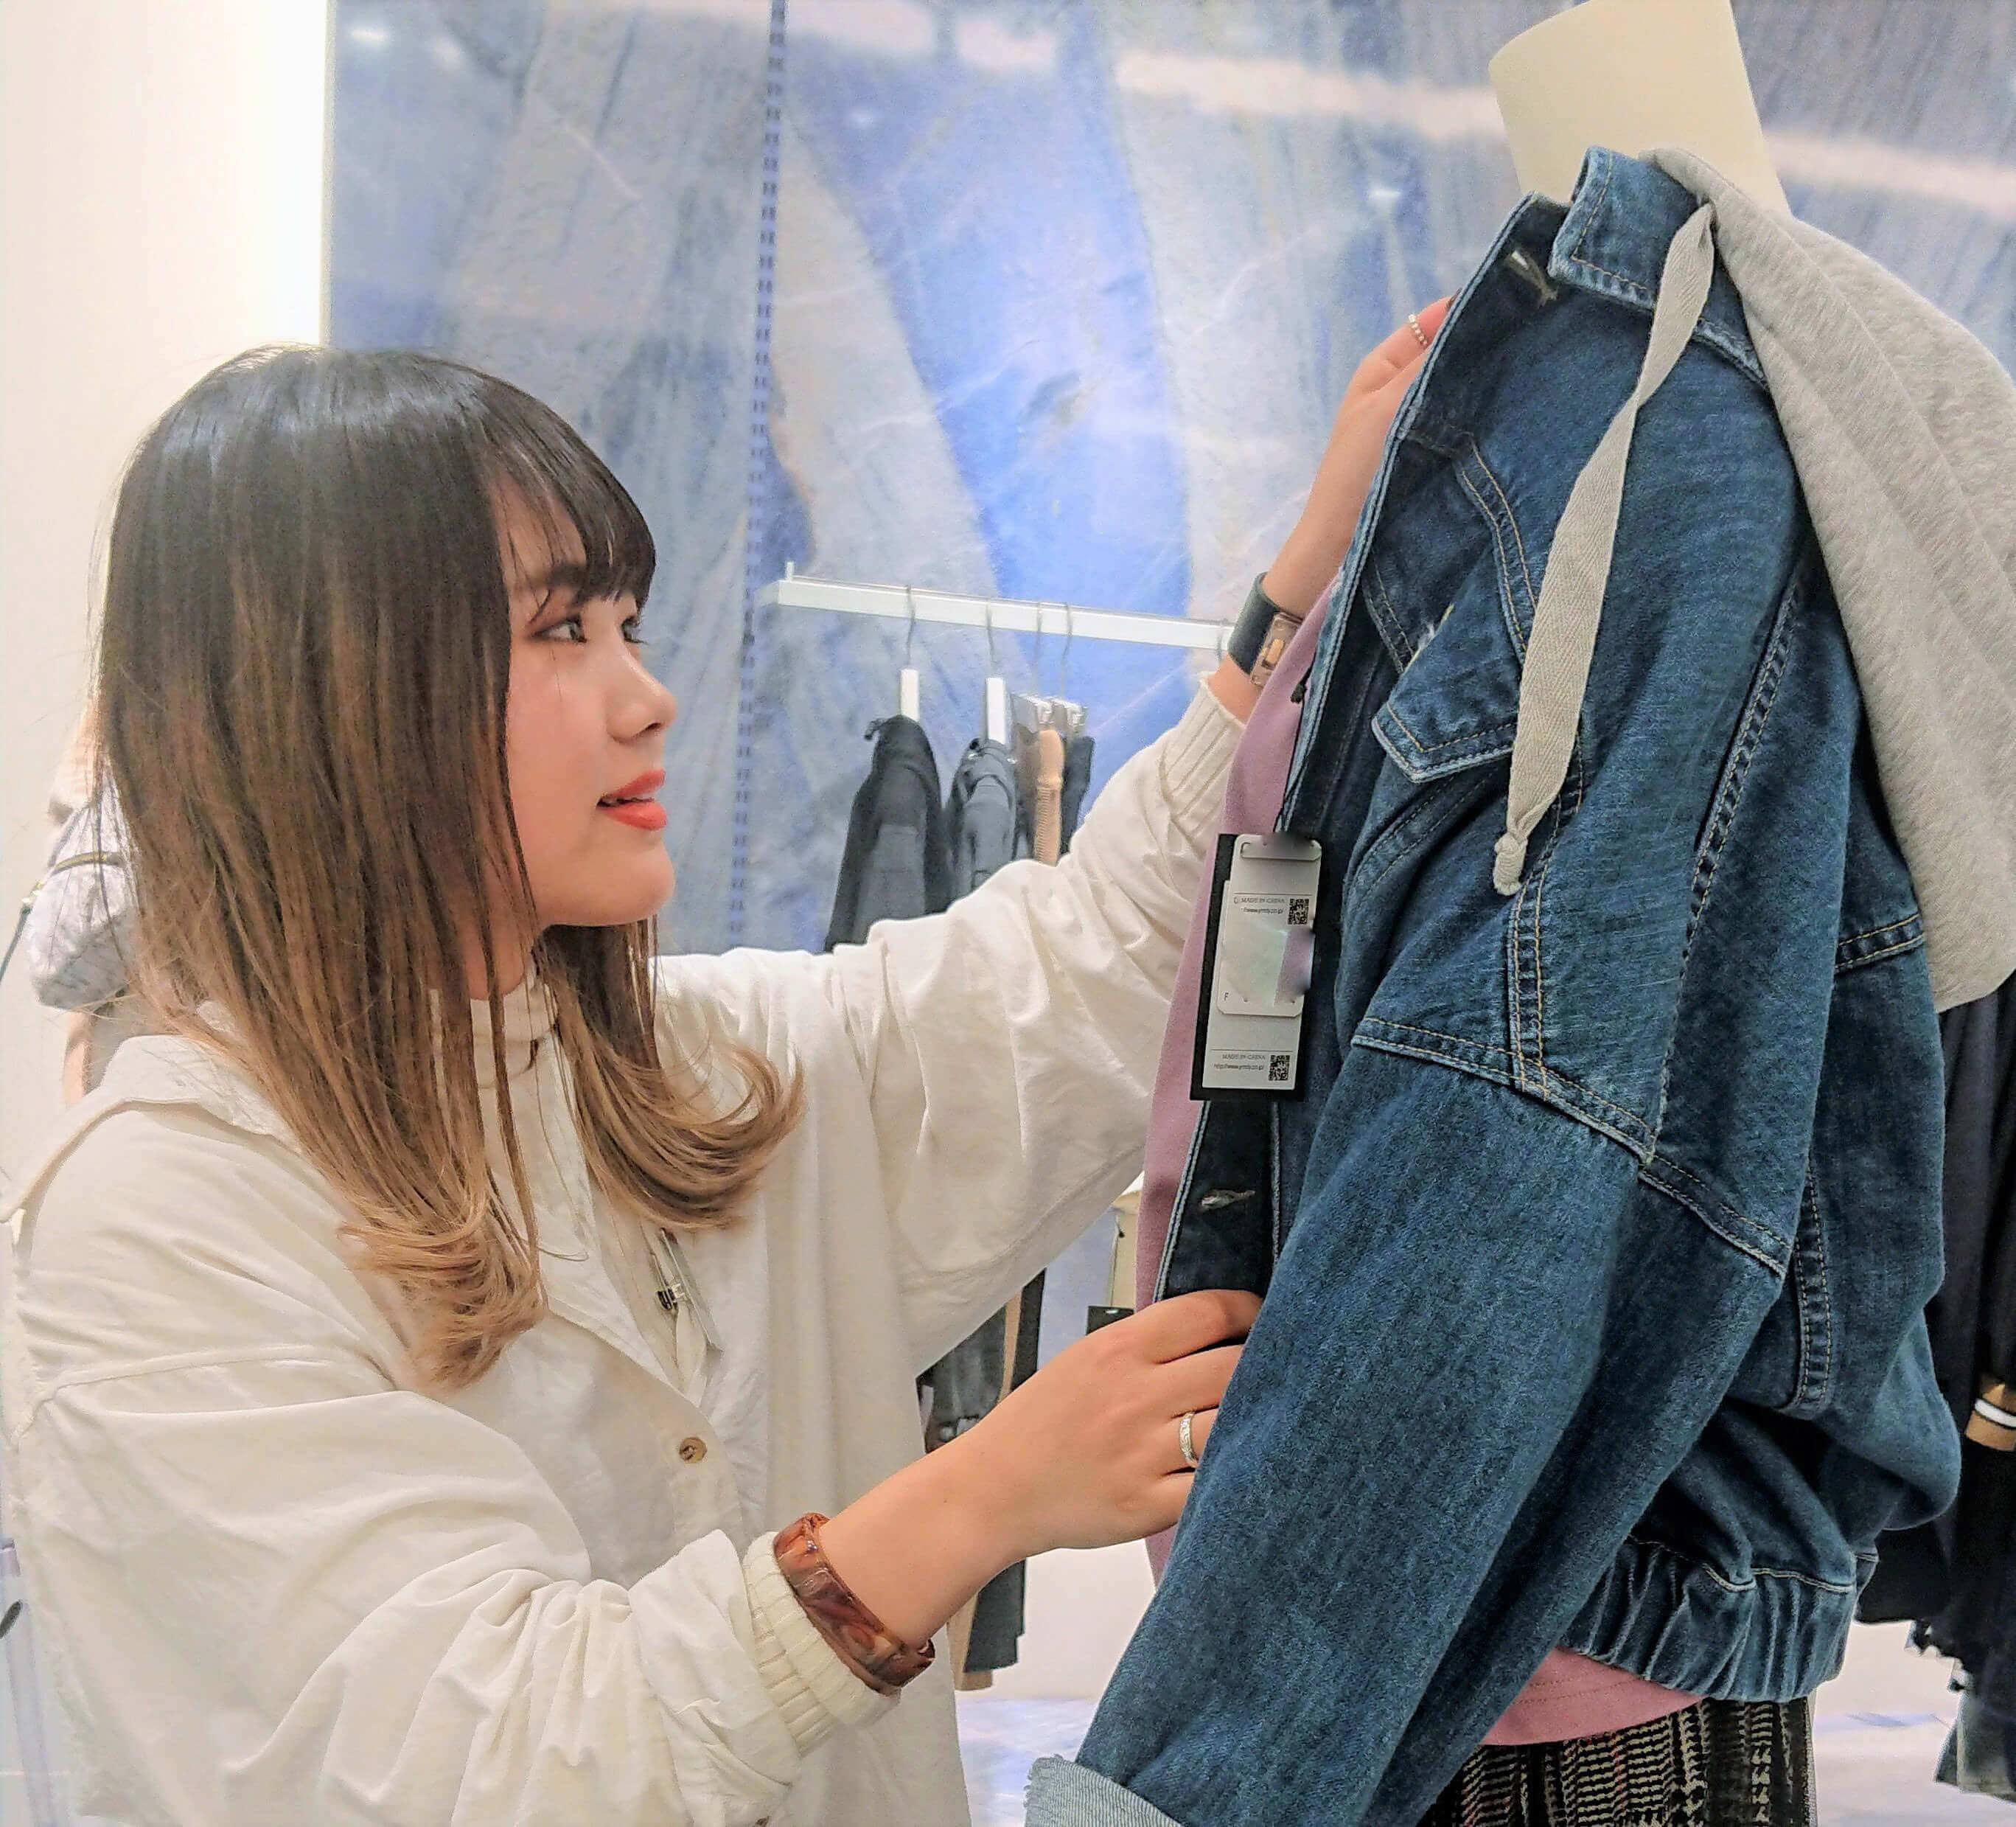 ★岡山★自分らしさを大切にした接客スタイルで働けるファッションアドバイザー募集のカバー写真